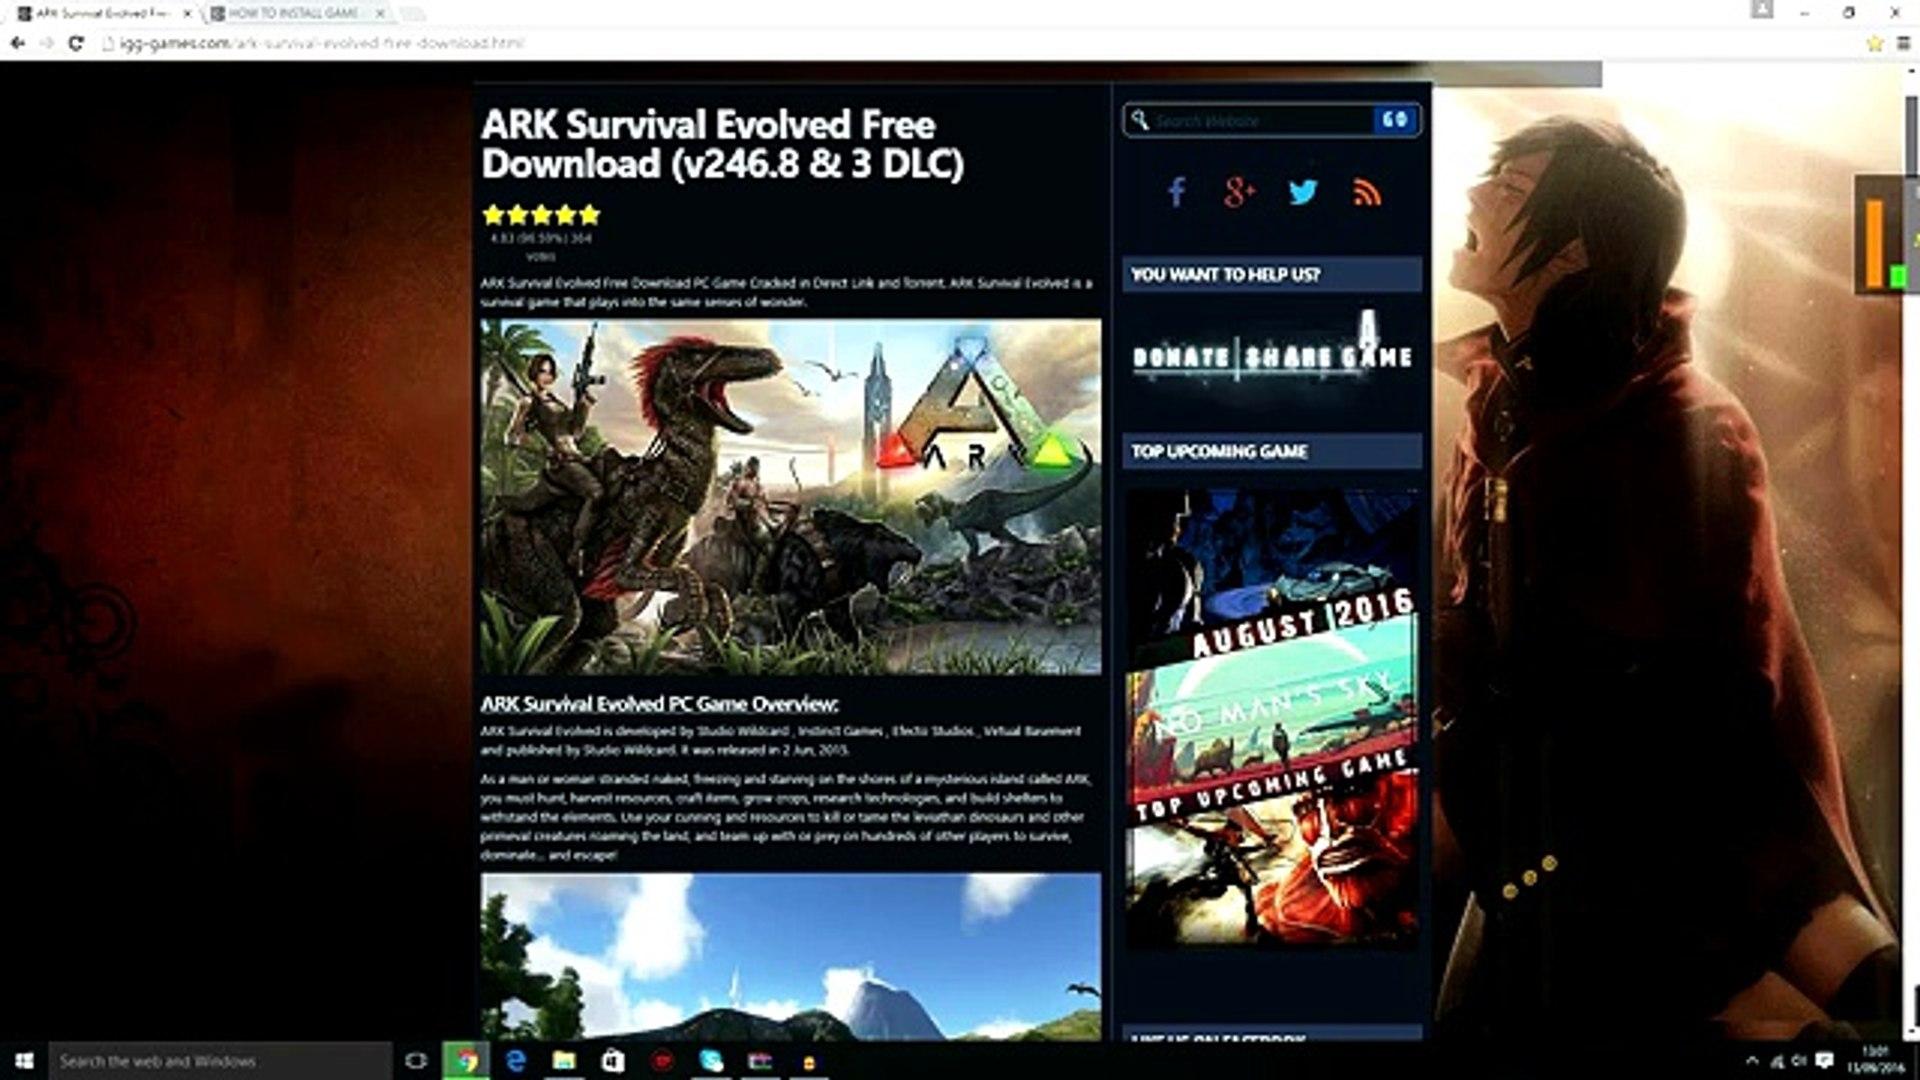 ark survival evolved download free